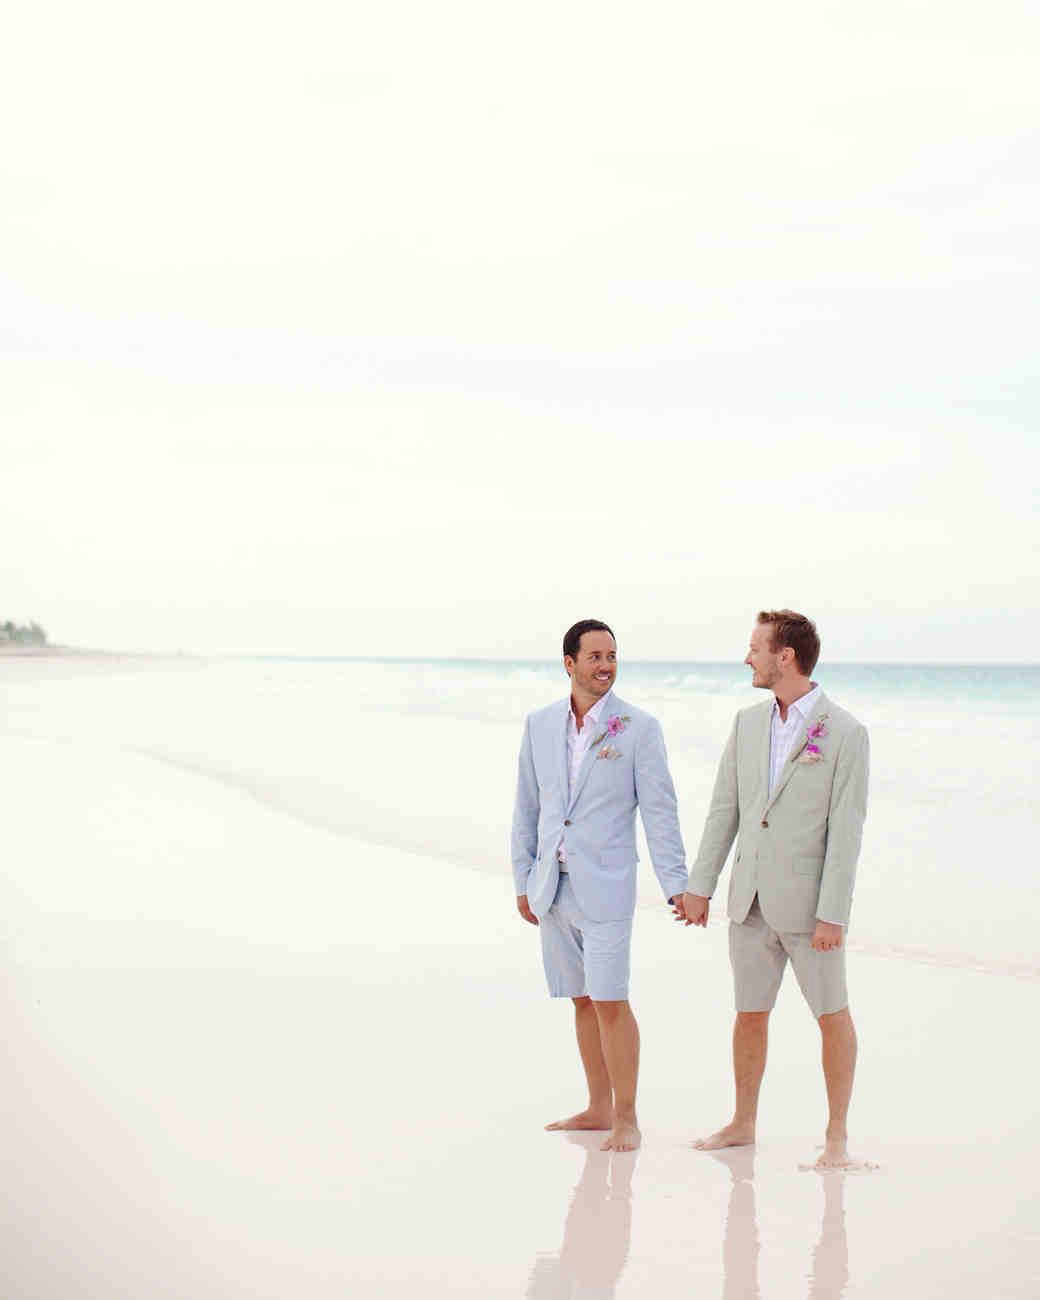 real-weddings-kevin-jamie-05292012wd-jk1752.jpg